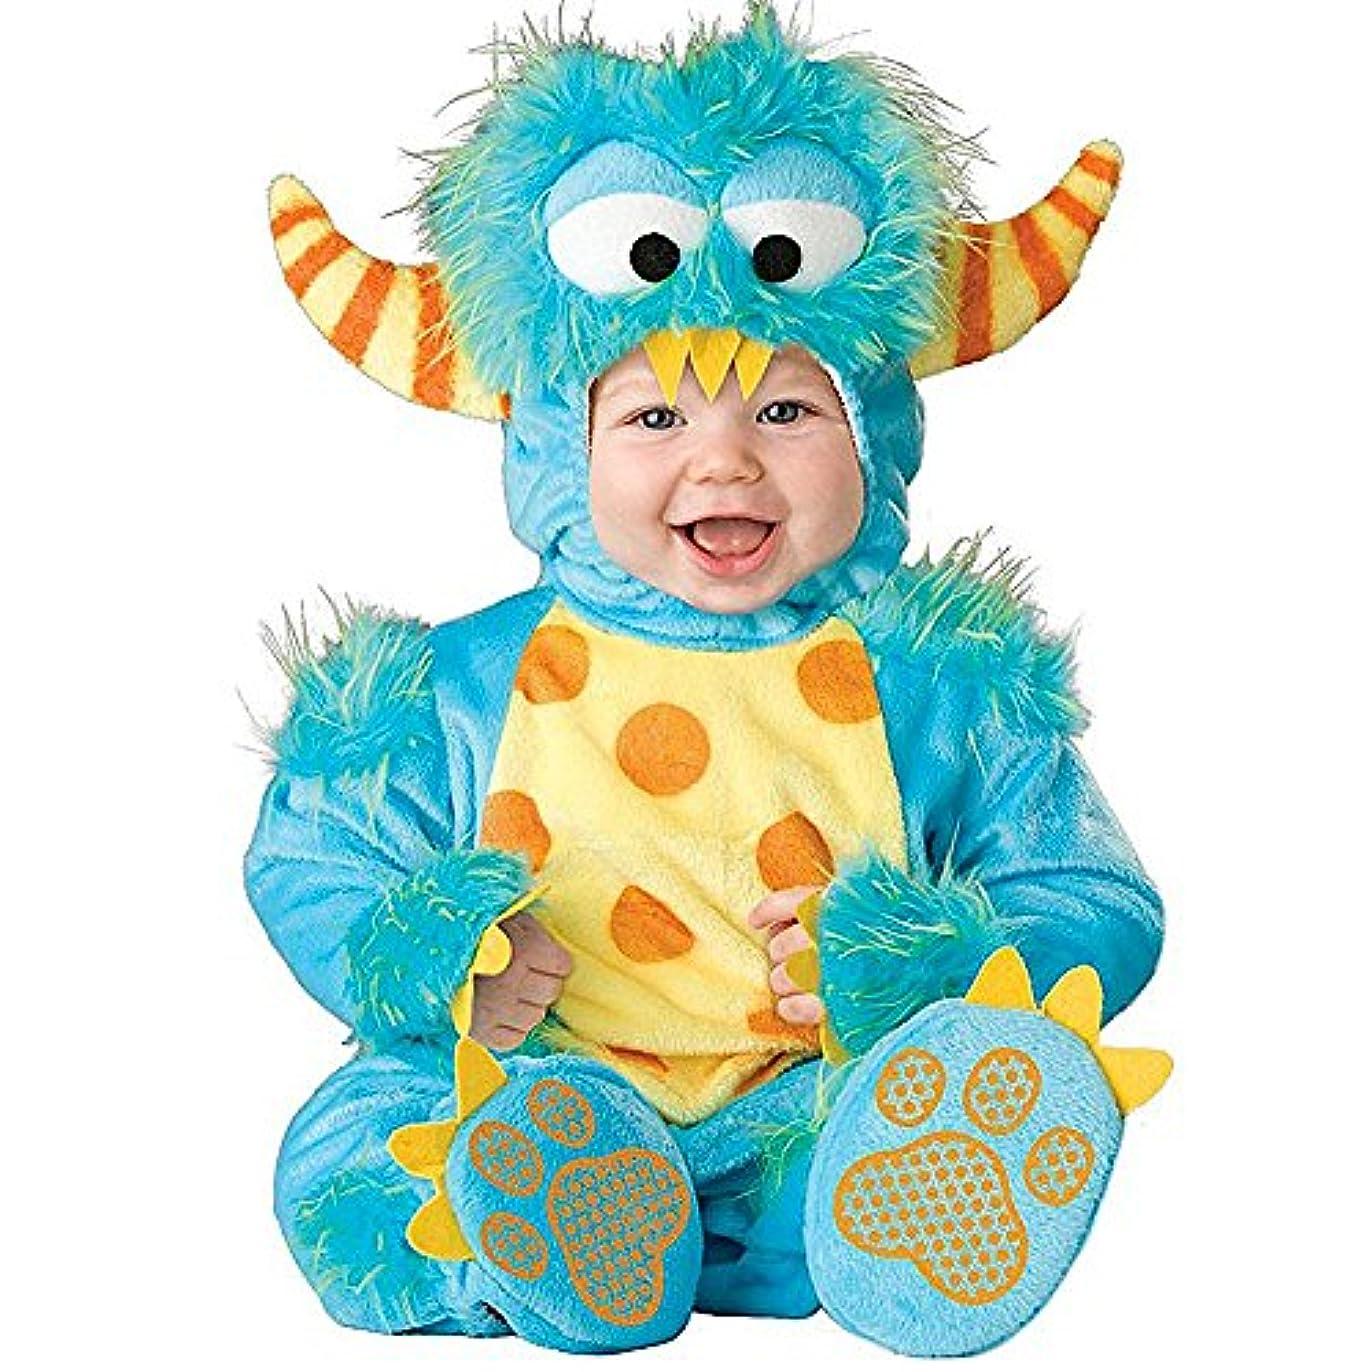 サスティーンブラインドダーツ幼児赤ちゃん幼児男の子ブルーモンスターハロウィンドレスアップコスチューム衣装 (95cm)